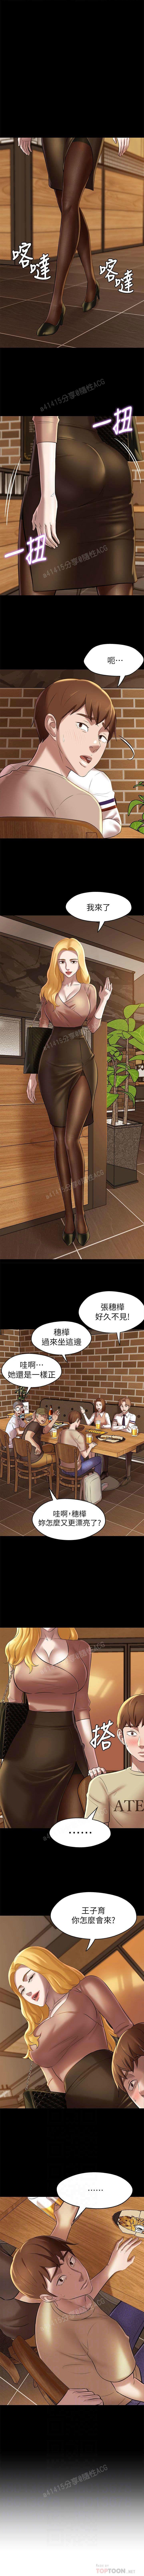 panty note 小褲褲筆記 小裤裤笔记 01-35 连载中 中文 重新排序 Reorder 122